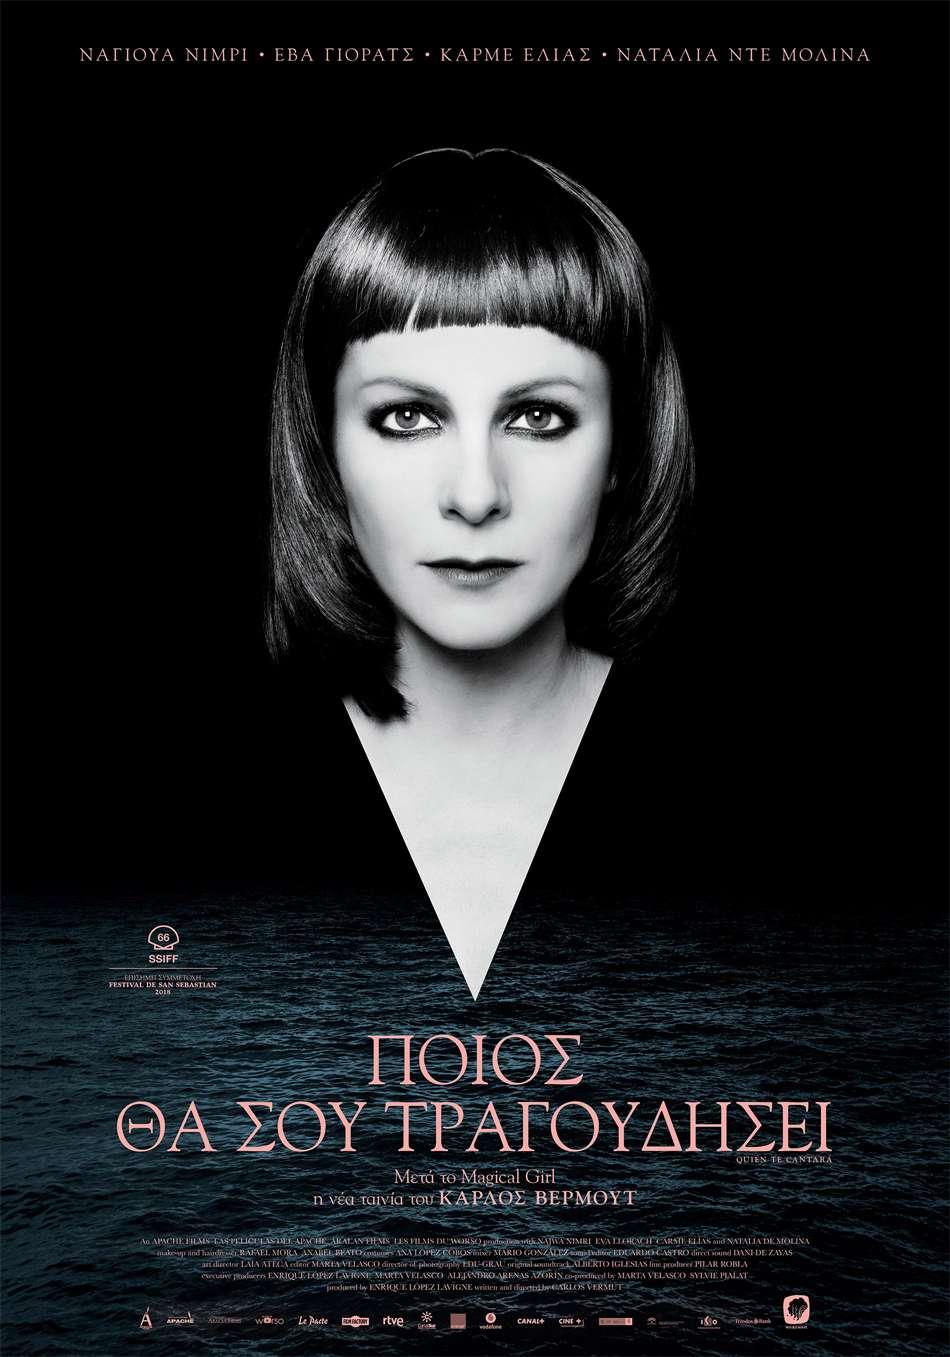 Ποιος θα σου τραγουδήσει (Quién te cantará) Poster Πόστερ